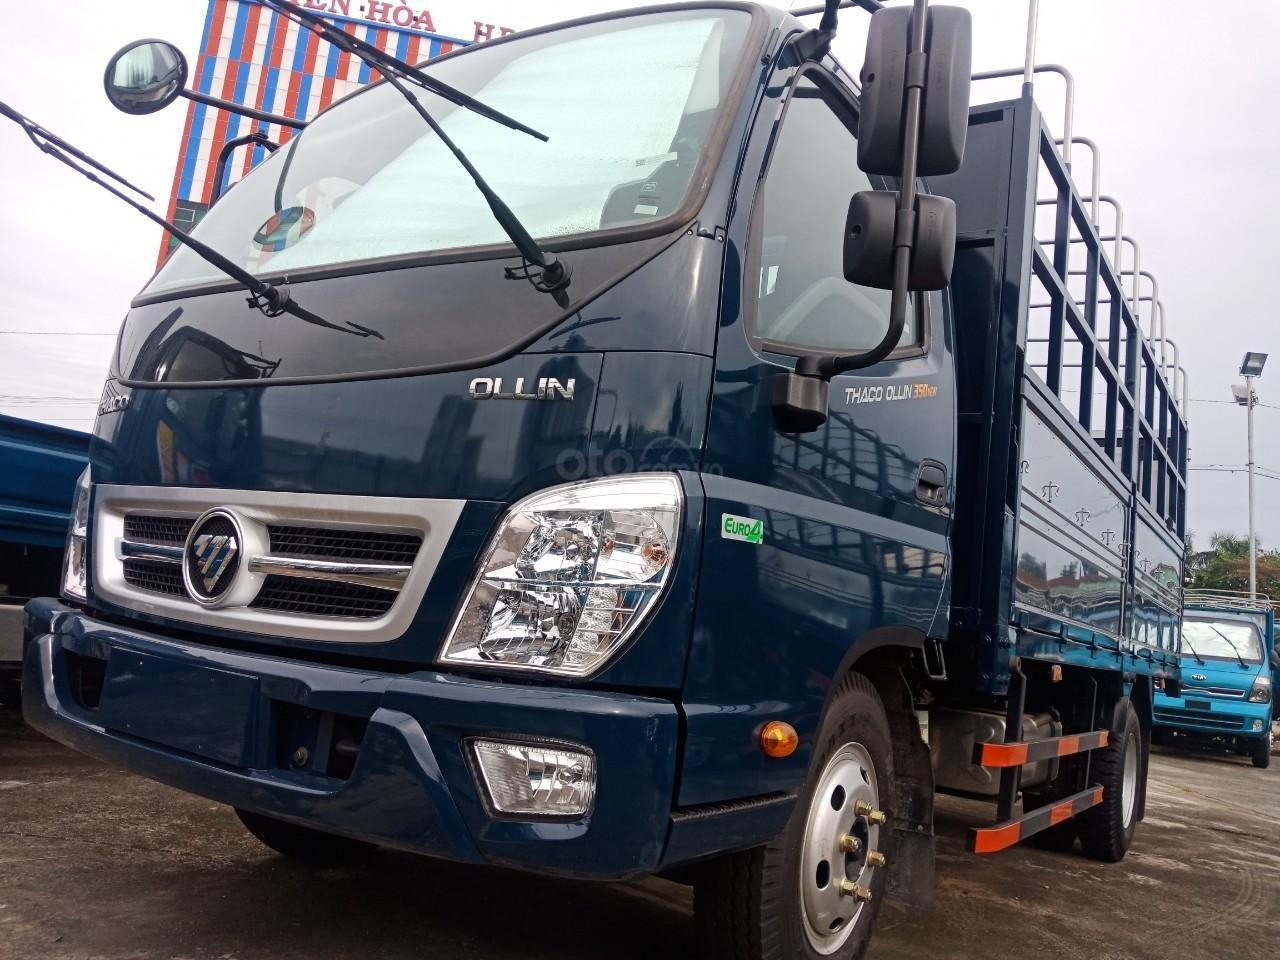 Xe tải Thaco Ollin 2.5 tấn, xe tải giá rẻ vào thành phố-2